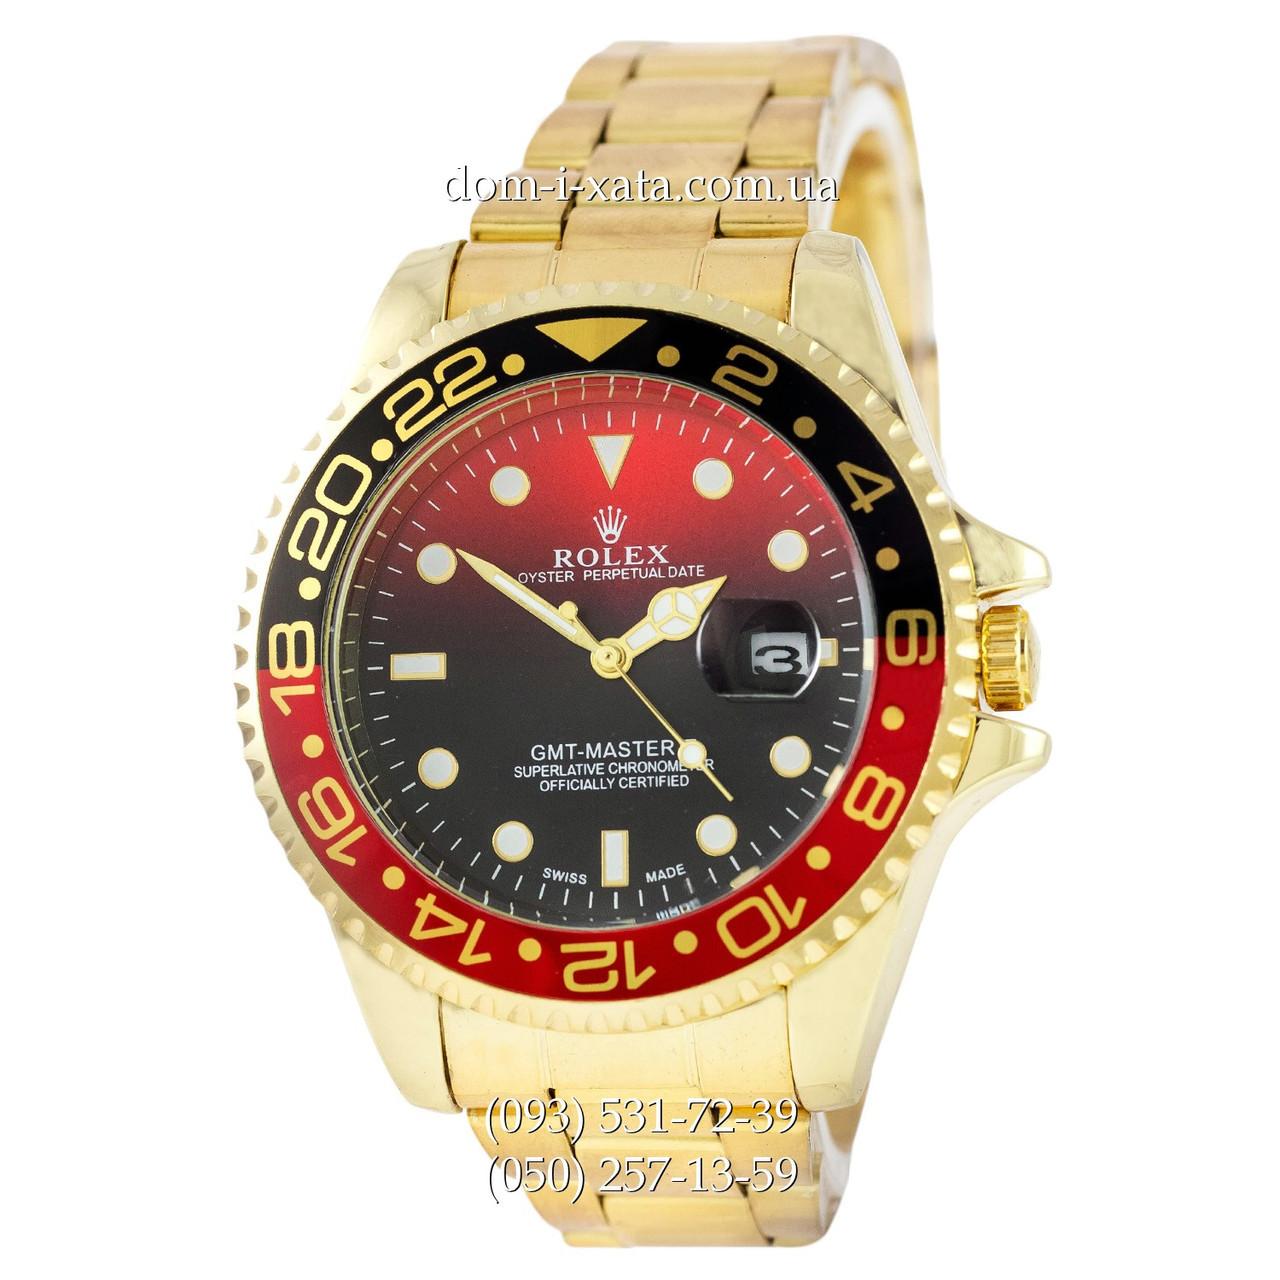 Мужские часы Rolex GMT-Master II Quarts Gold-Black-Red, кварцевые часы Ролекс Мастер, реплика отличное качество